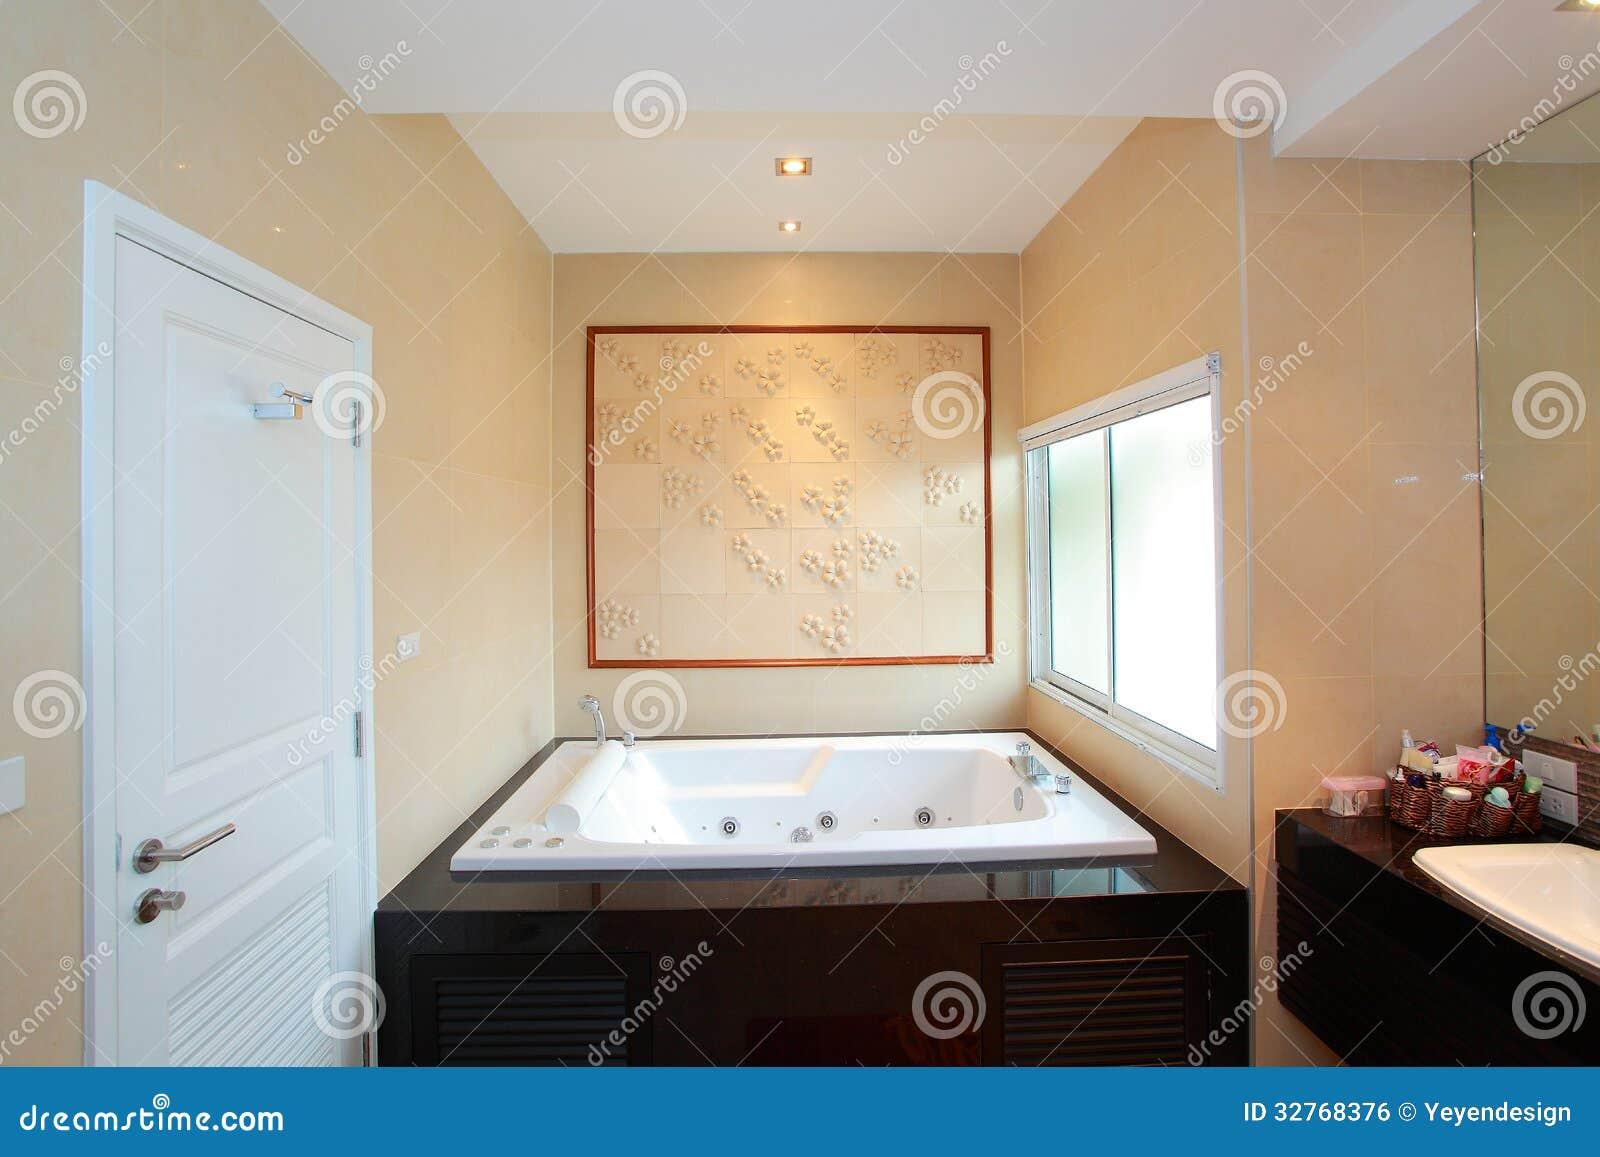 Luxe moderne badkamers royalty vrije stock afbeelding afbeelding 32768376 - Badkamer meubilair ontwerp eigentijds ...